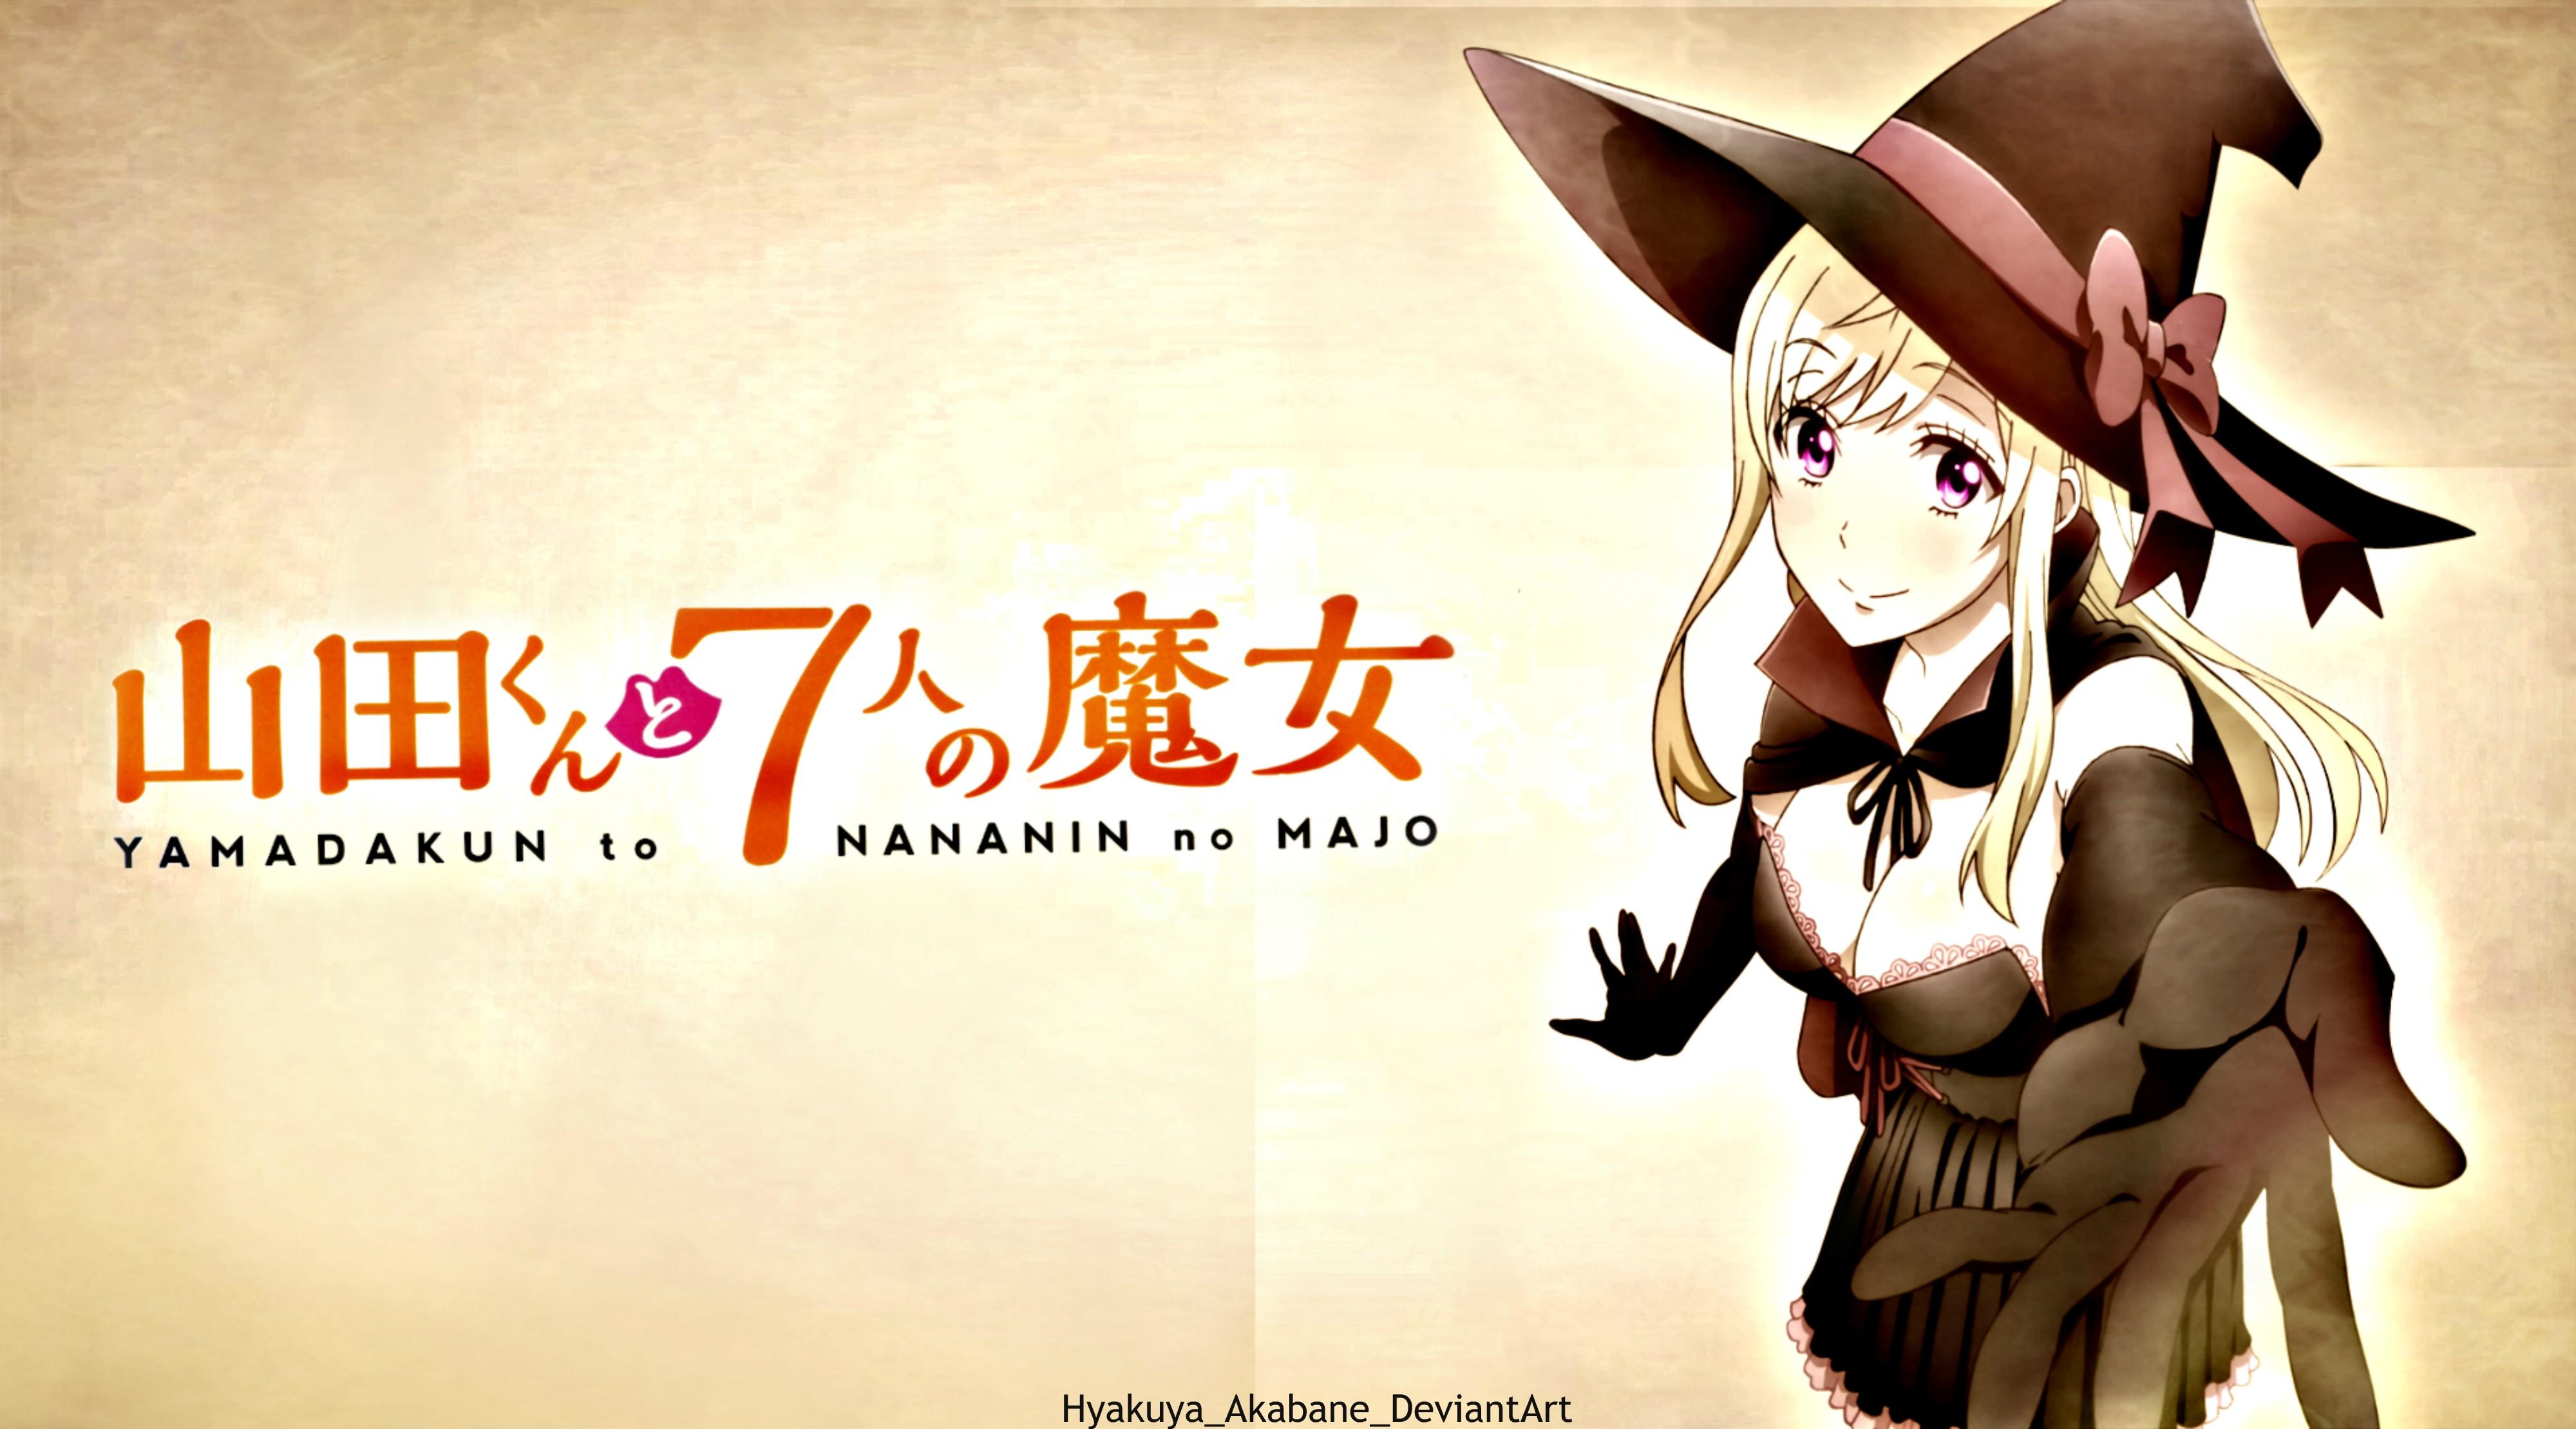 Yamada Kun To 7 Nin No Majo Anime Girls Shiraishi Urara Hd